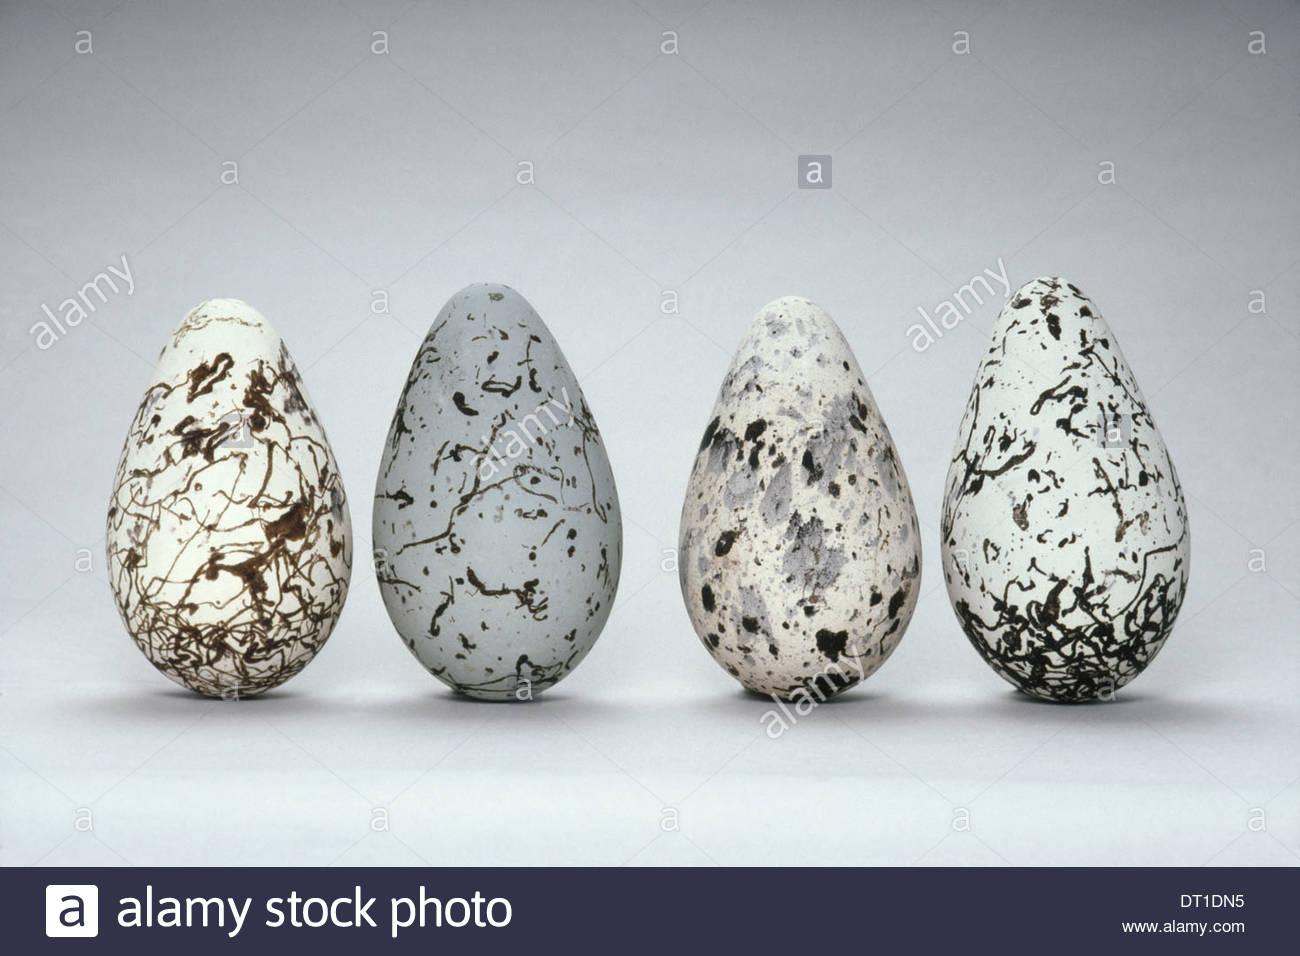 La Fundación Occidental de Zoología de Vertebrados California usa Common murre huevos de aves Uria algea educación Imagen De Stock